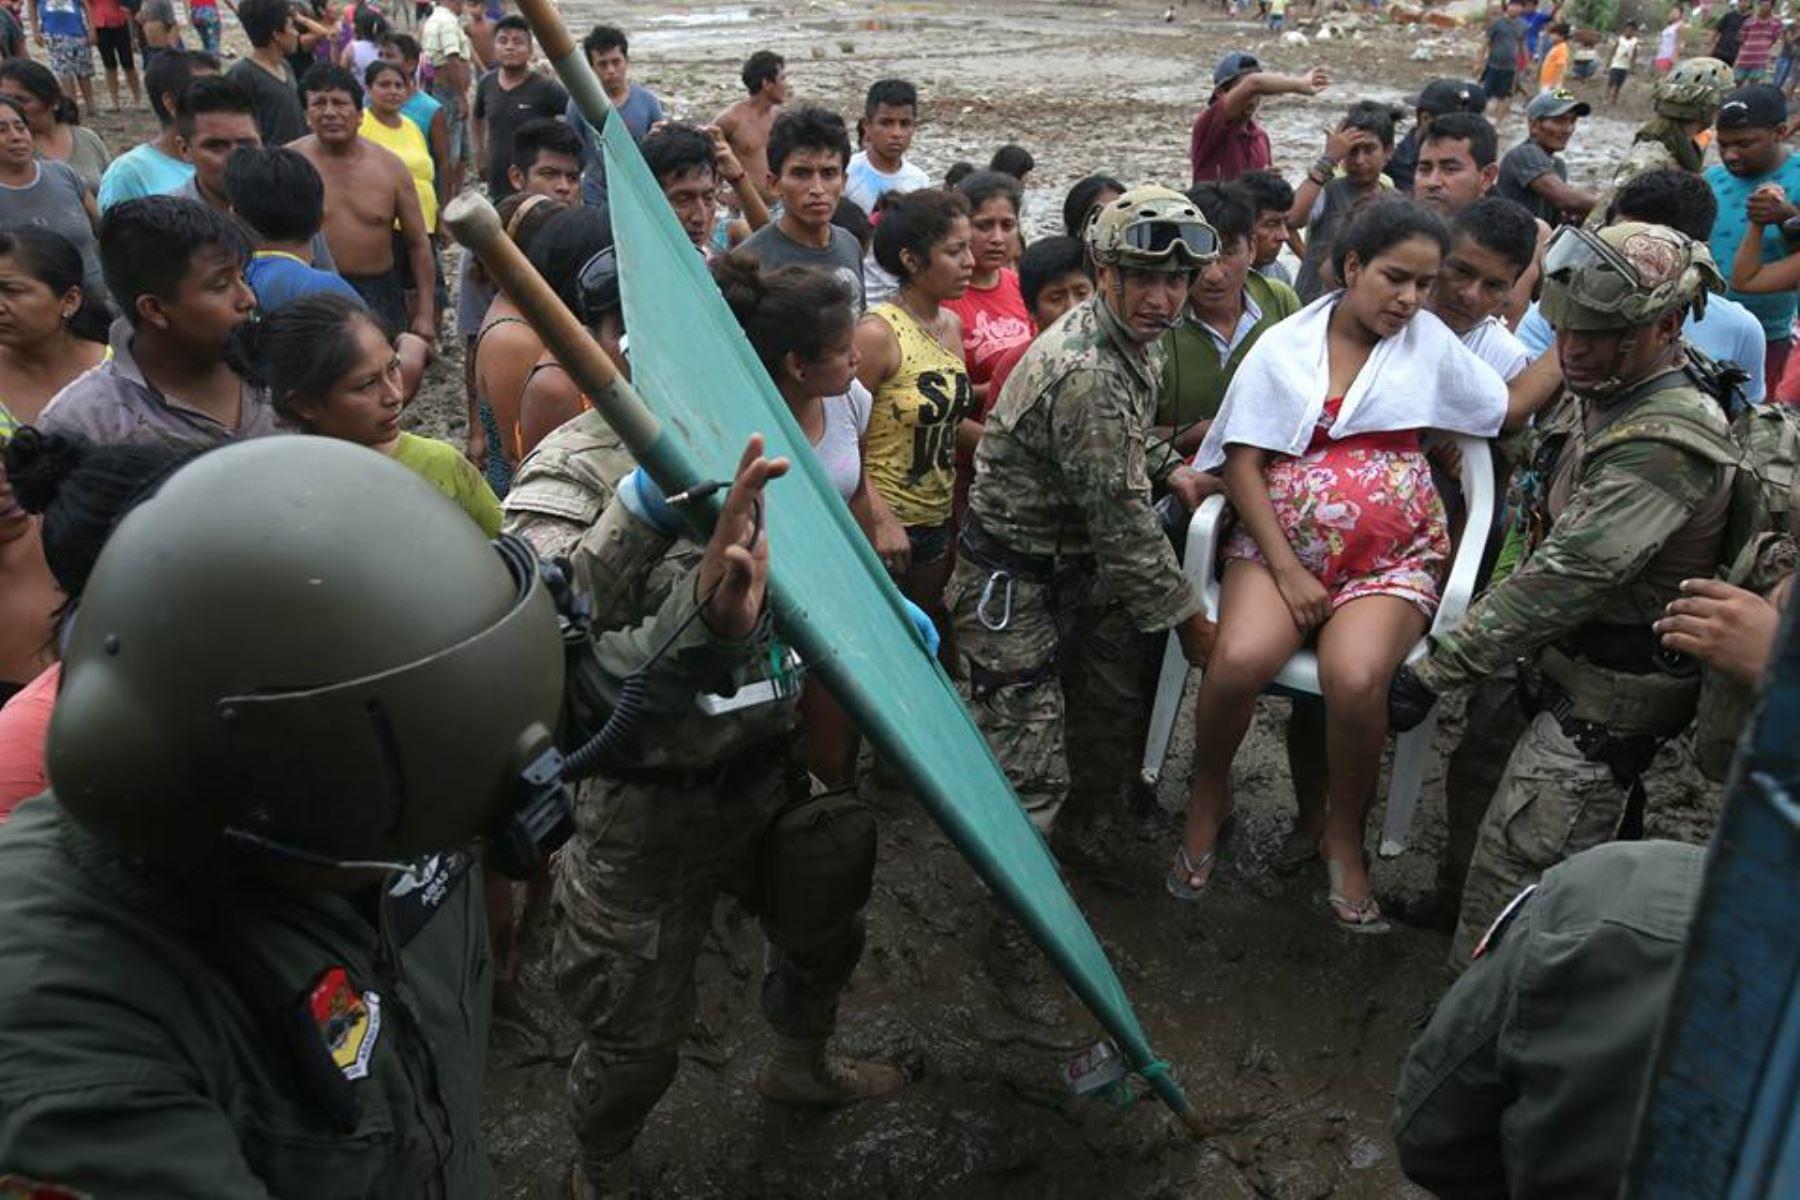 PIURA,PERÚ-MARZO 29. La ayuda humanitaria continúa llegando a los pobladores de Catacaos y caseríos aledaños que están recibiendo el apoyo de las FFAA. En este caso con el apoyo de un helicóptero se evacuó a una señora embarazada. Foto:ANDINA/Oscar Farje Gomero.